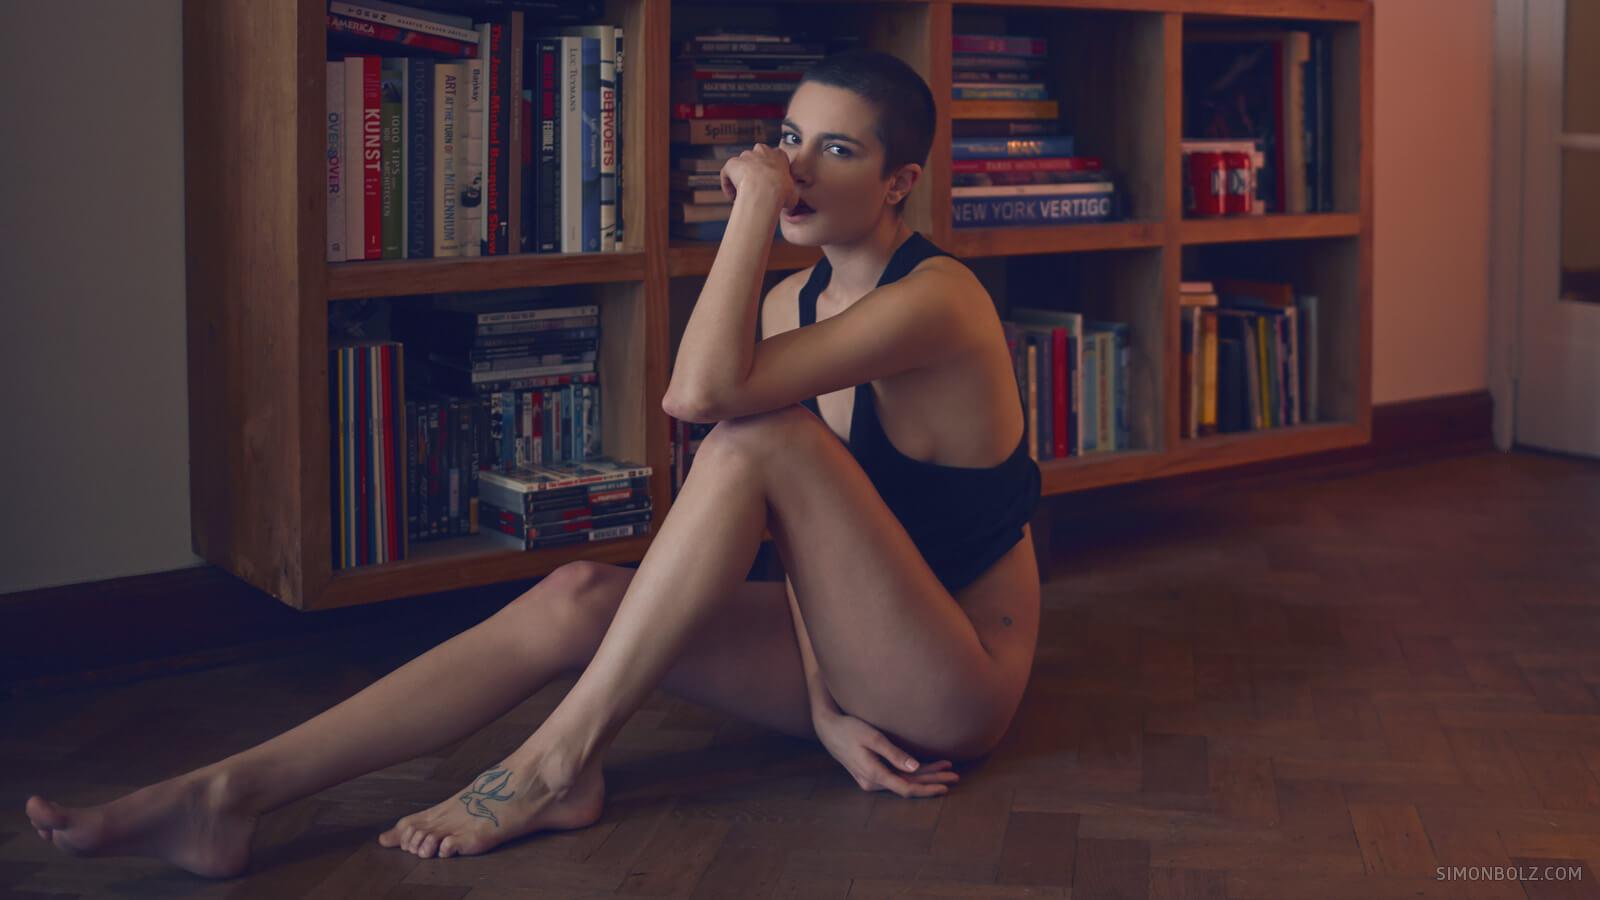 Sexy Simon Bolz Nude Photography Photos